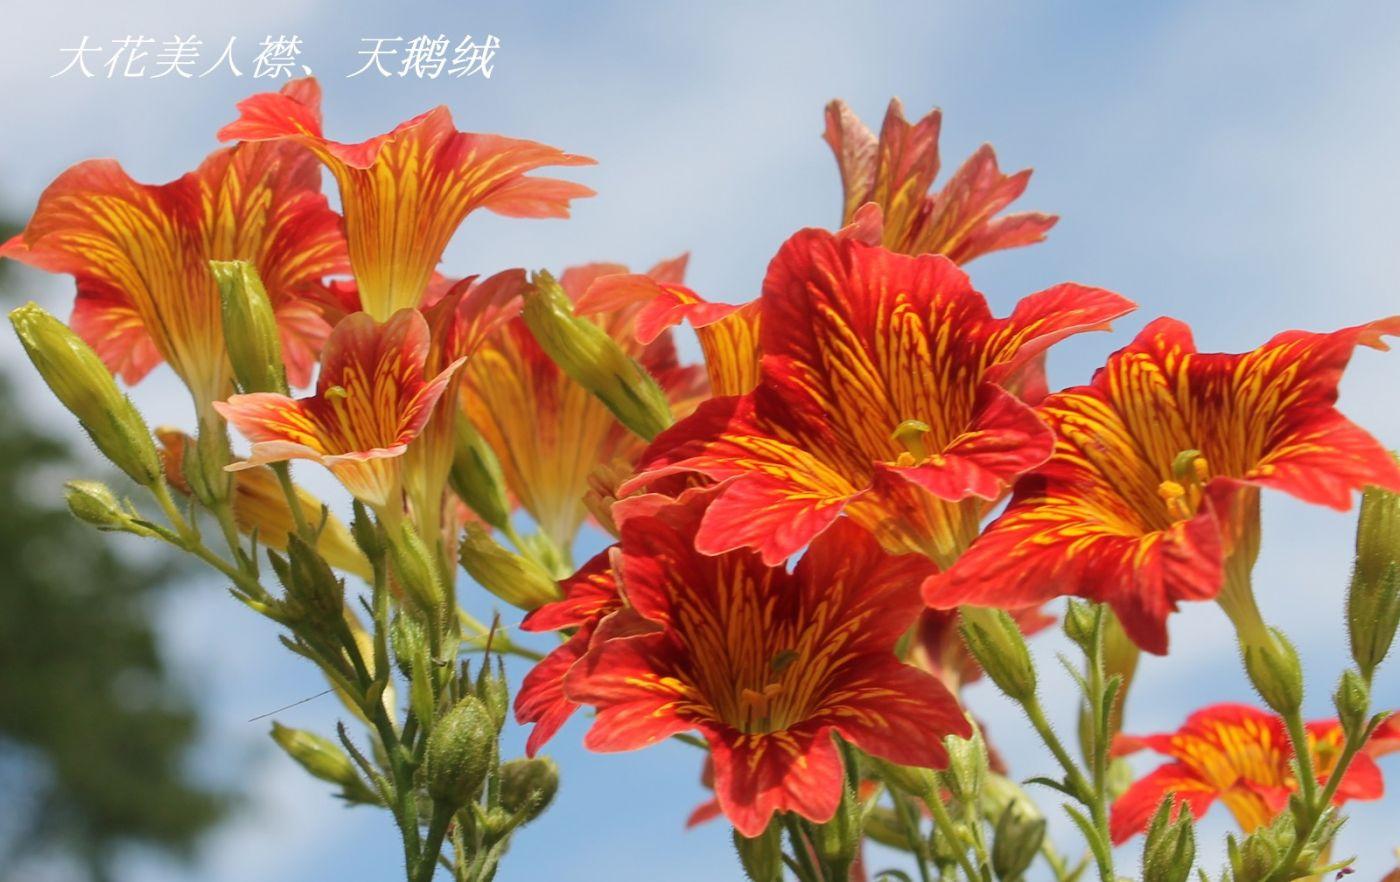 花草图谱 (14)_图1-16